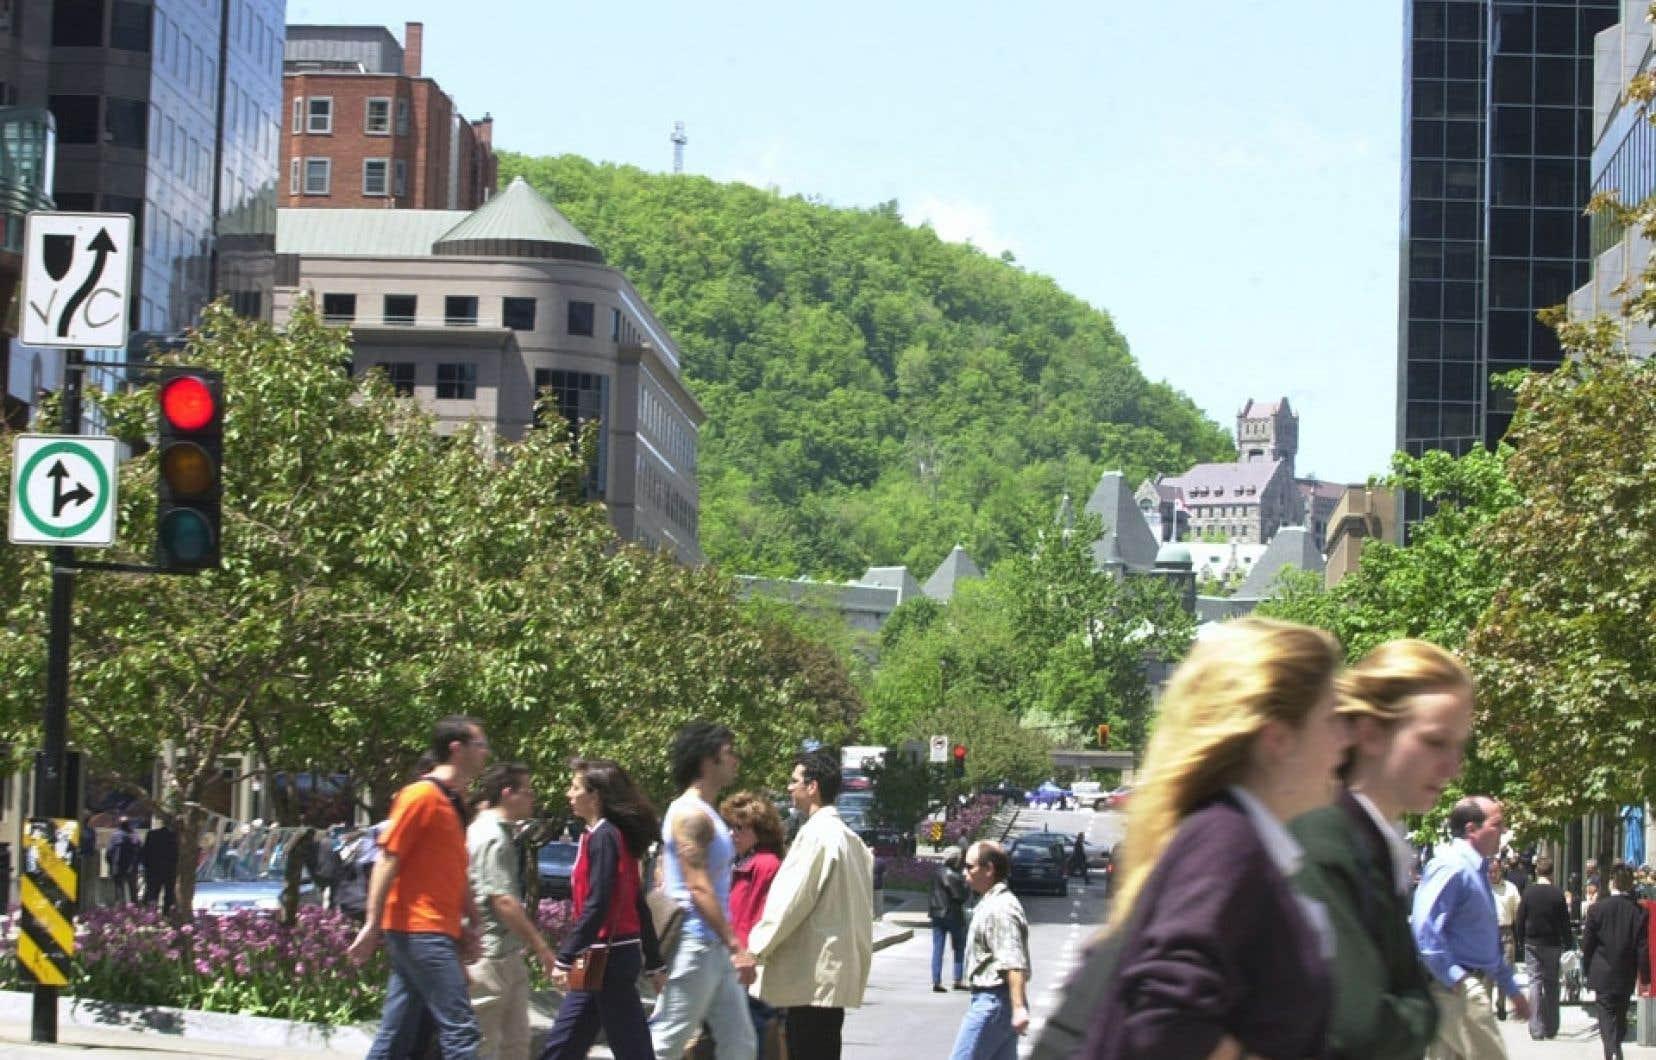 La protection des vues sur le mont Royal a fait l'objet de vigoureuses batailles au début des années 80, alors qu'un projet du promoteur Cadillac-Fairview devait venir obstruer les perspectives sur la montagne depuis l'avenue McGill College. Le projet initial a finalement été abandonné, à la suite des protestations venant de divers groupes de citoyens, dont Héritage Montréal.